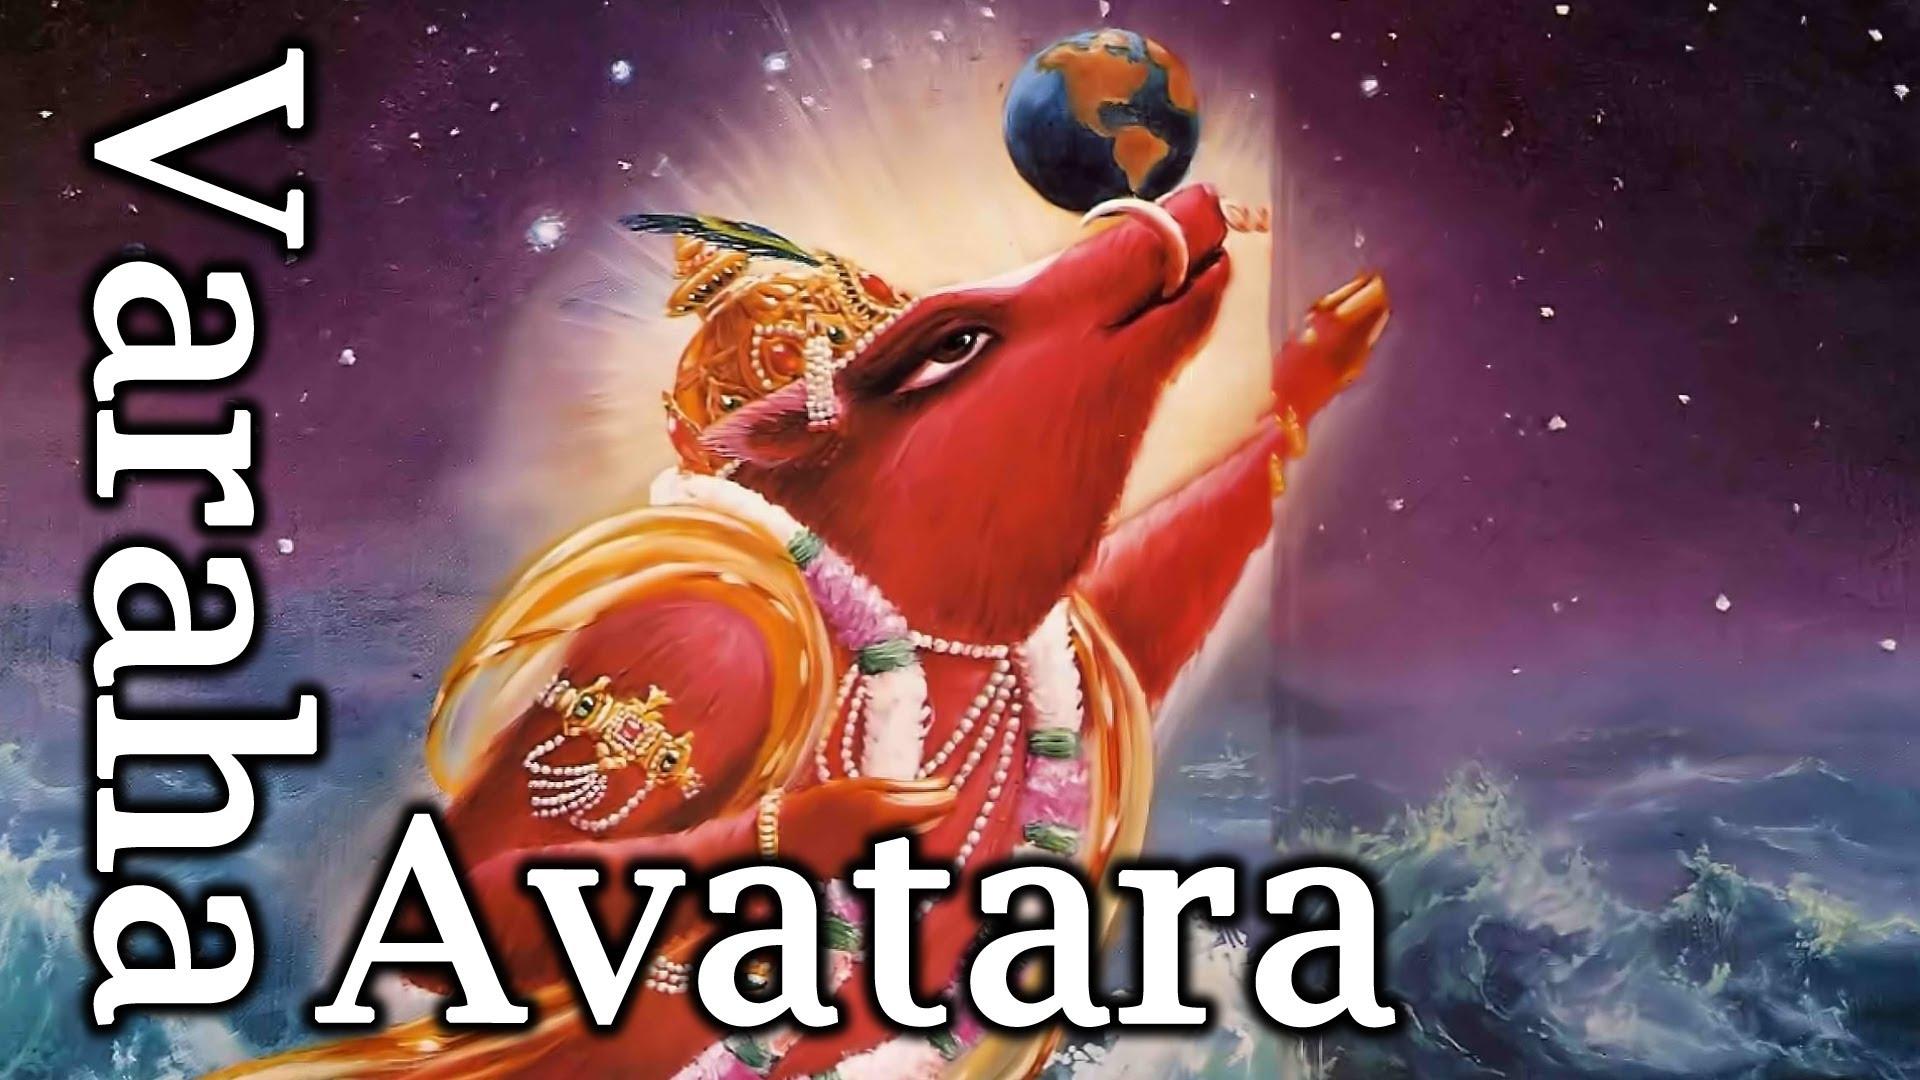 Lord Vishnu Varaha Avatara Image